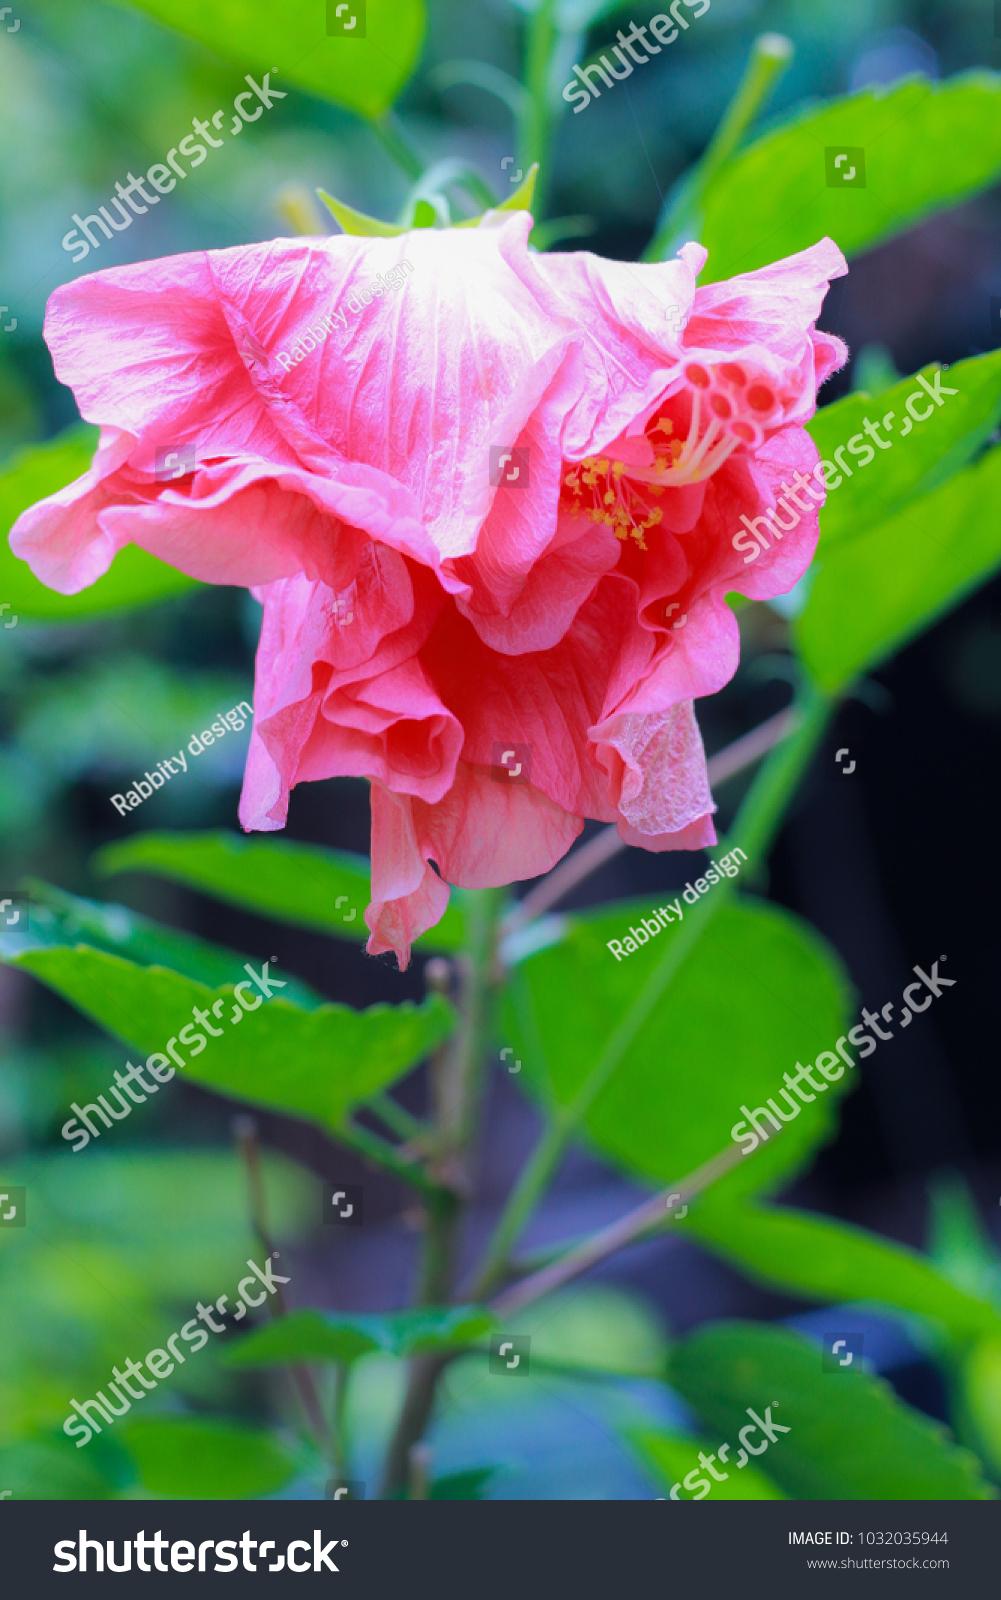 Hibiscus flower chinese rose chaba flower hawaiian stock photo hibiscus flower chinese rose chaba flower hawaiian stock photo royalty free 1032035944 shutterstock izmirmasajfo